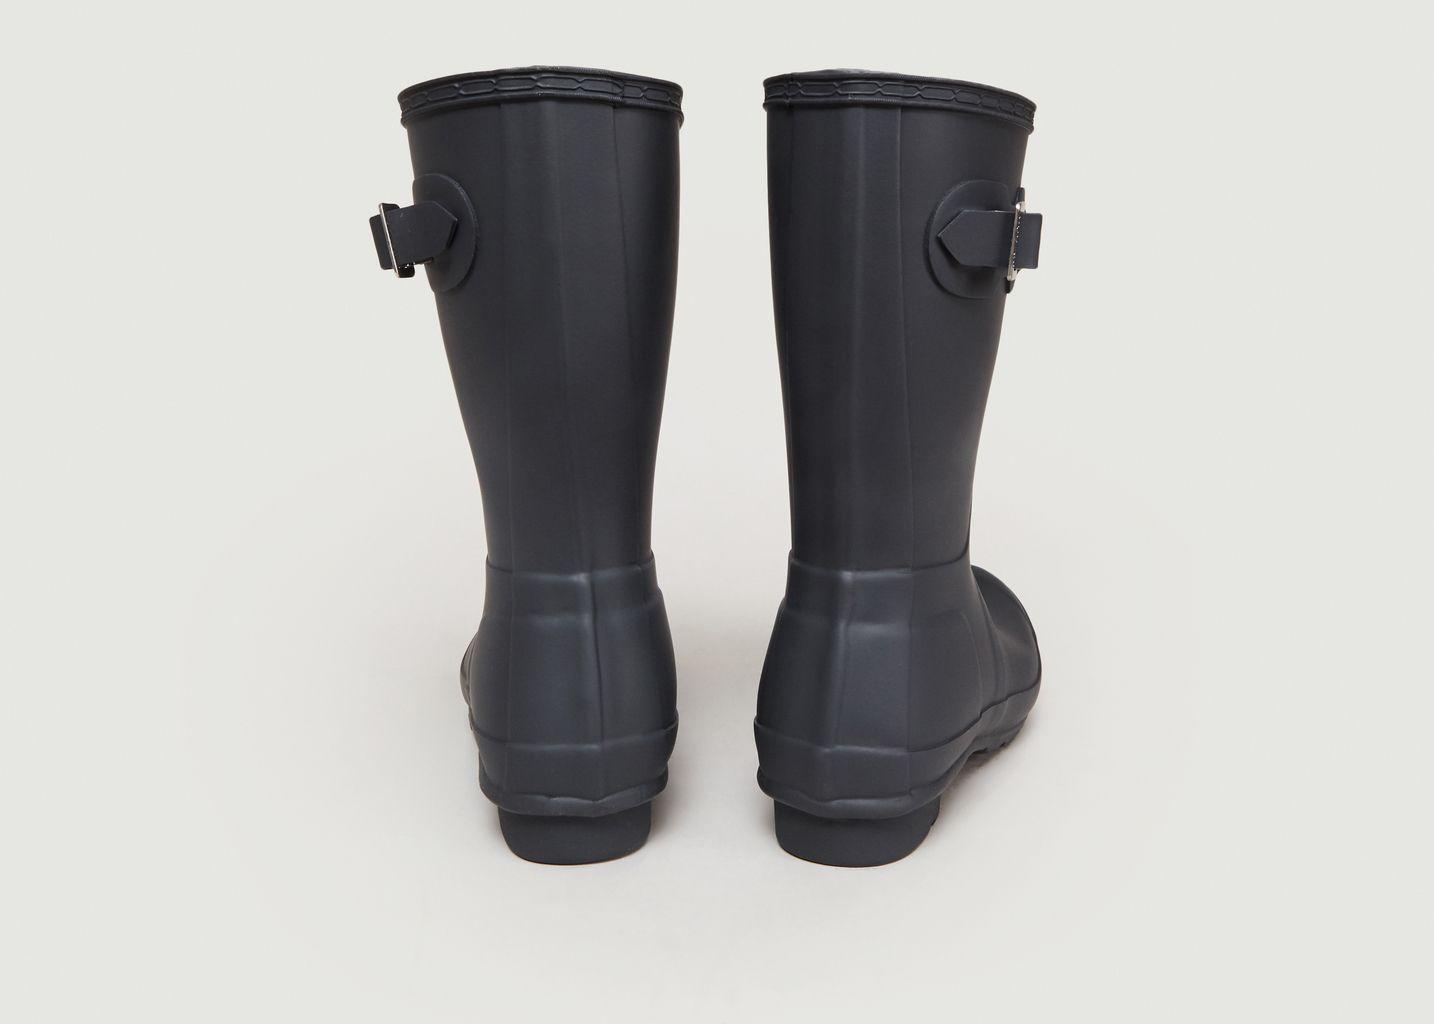 taille 40 sélectionner pour l'original sur les images de pieds de Wellington Boots